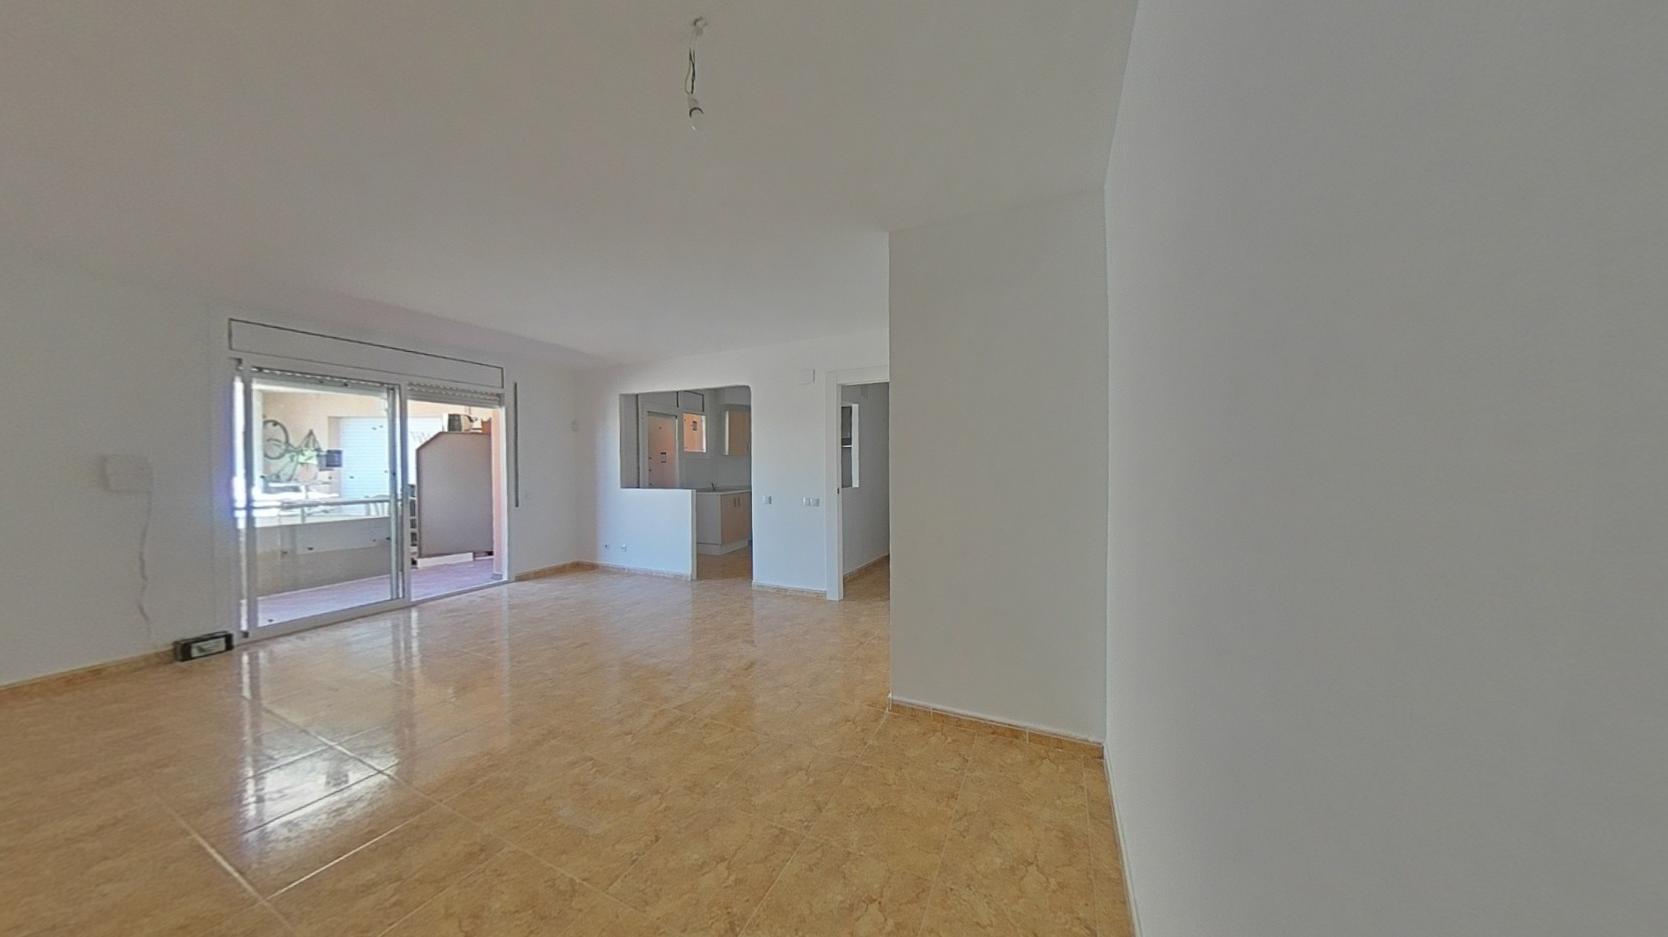 Alquiler Piso  C/ mossen lluis batlle. Solvia inmobiliaria - piso vila-seca